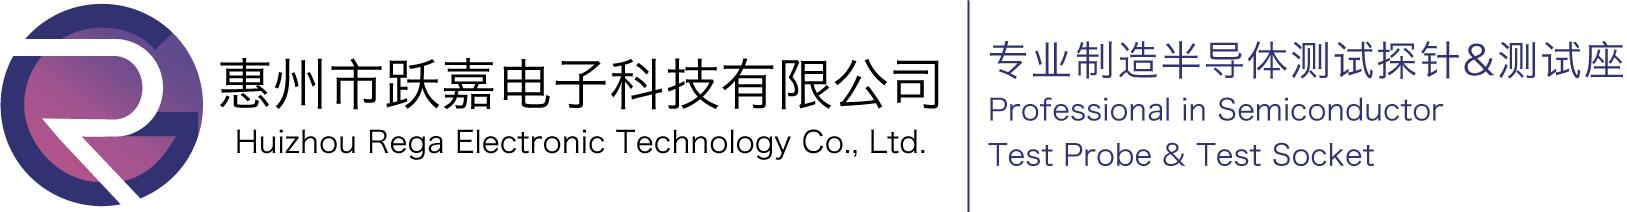 惠州市跃嘉电子科技有限公司